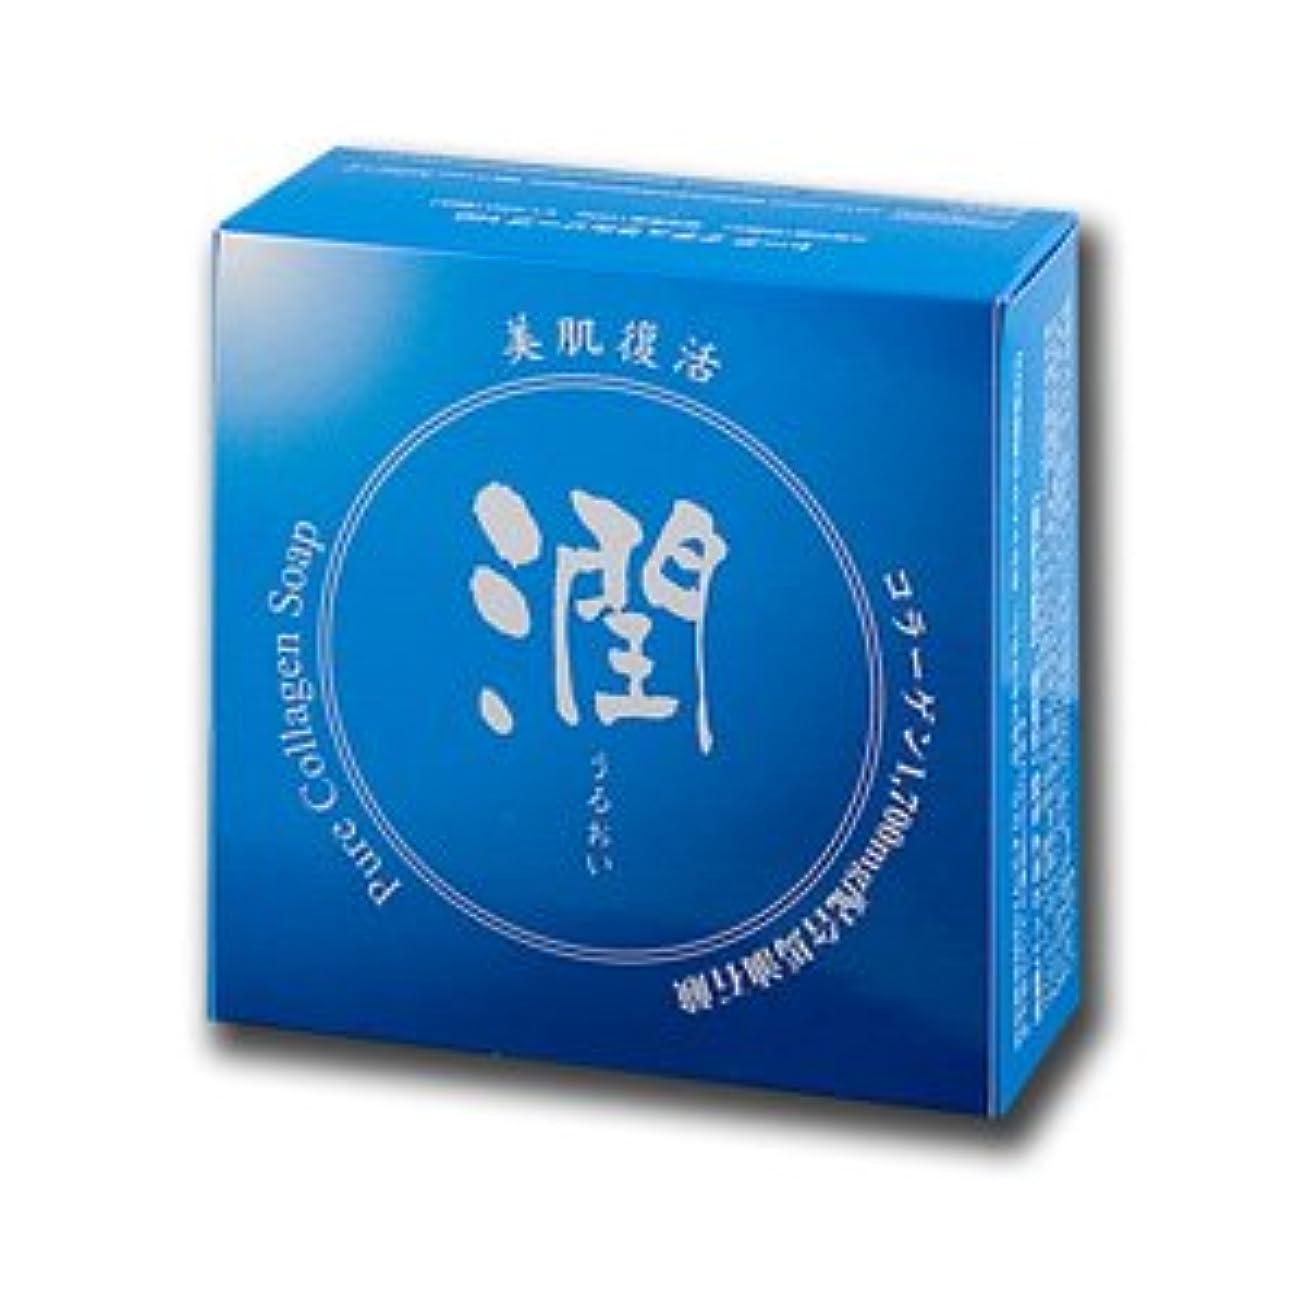 慢ブラインド大惨事コラーゲン馬油石鹸 潤 100g (#800410) ×6個セット